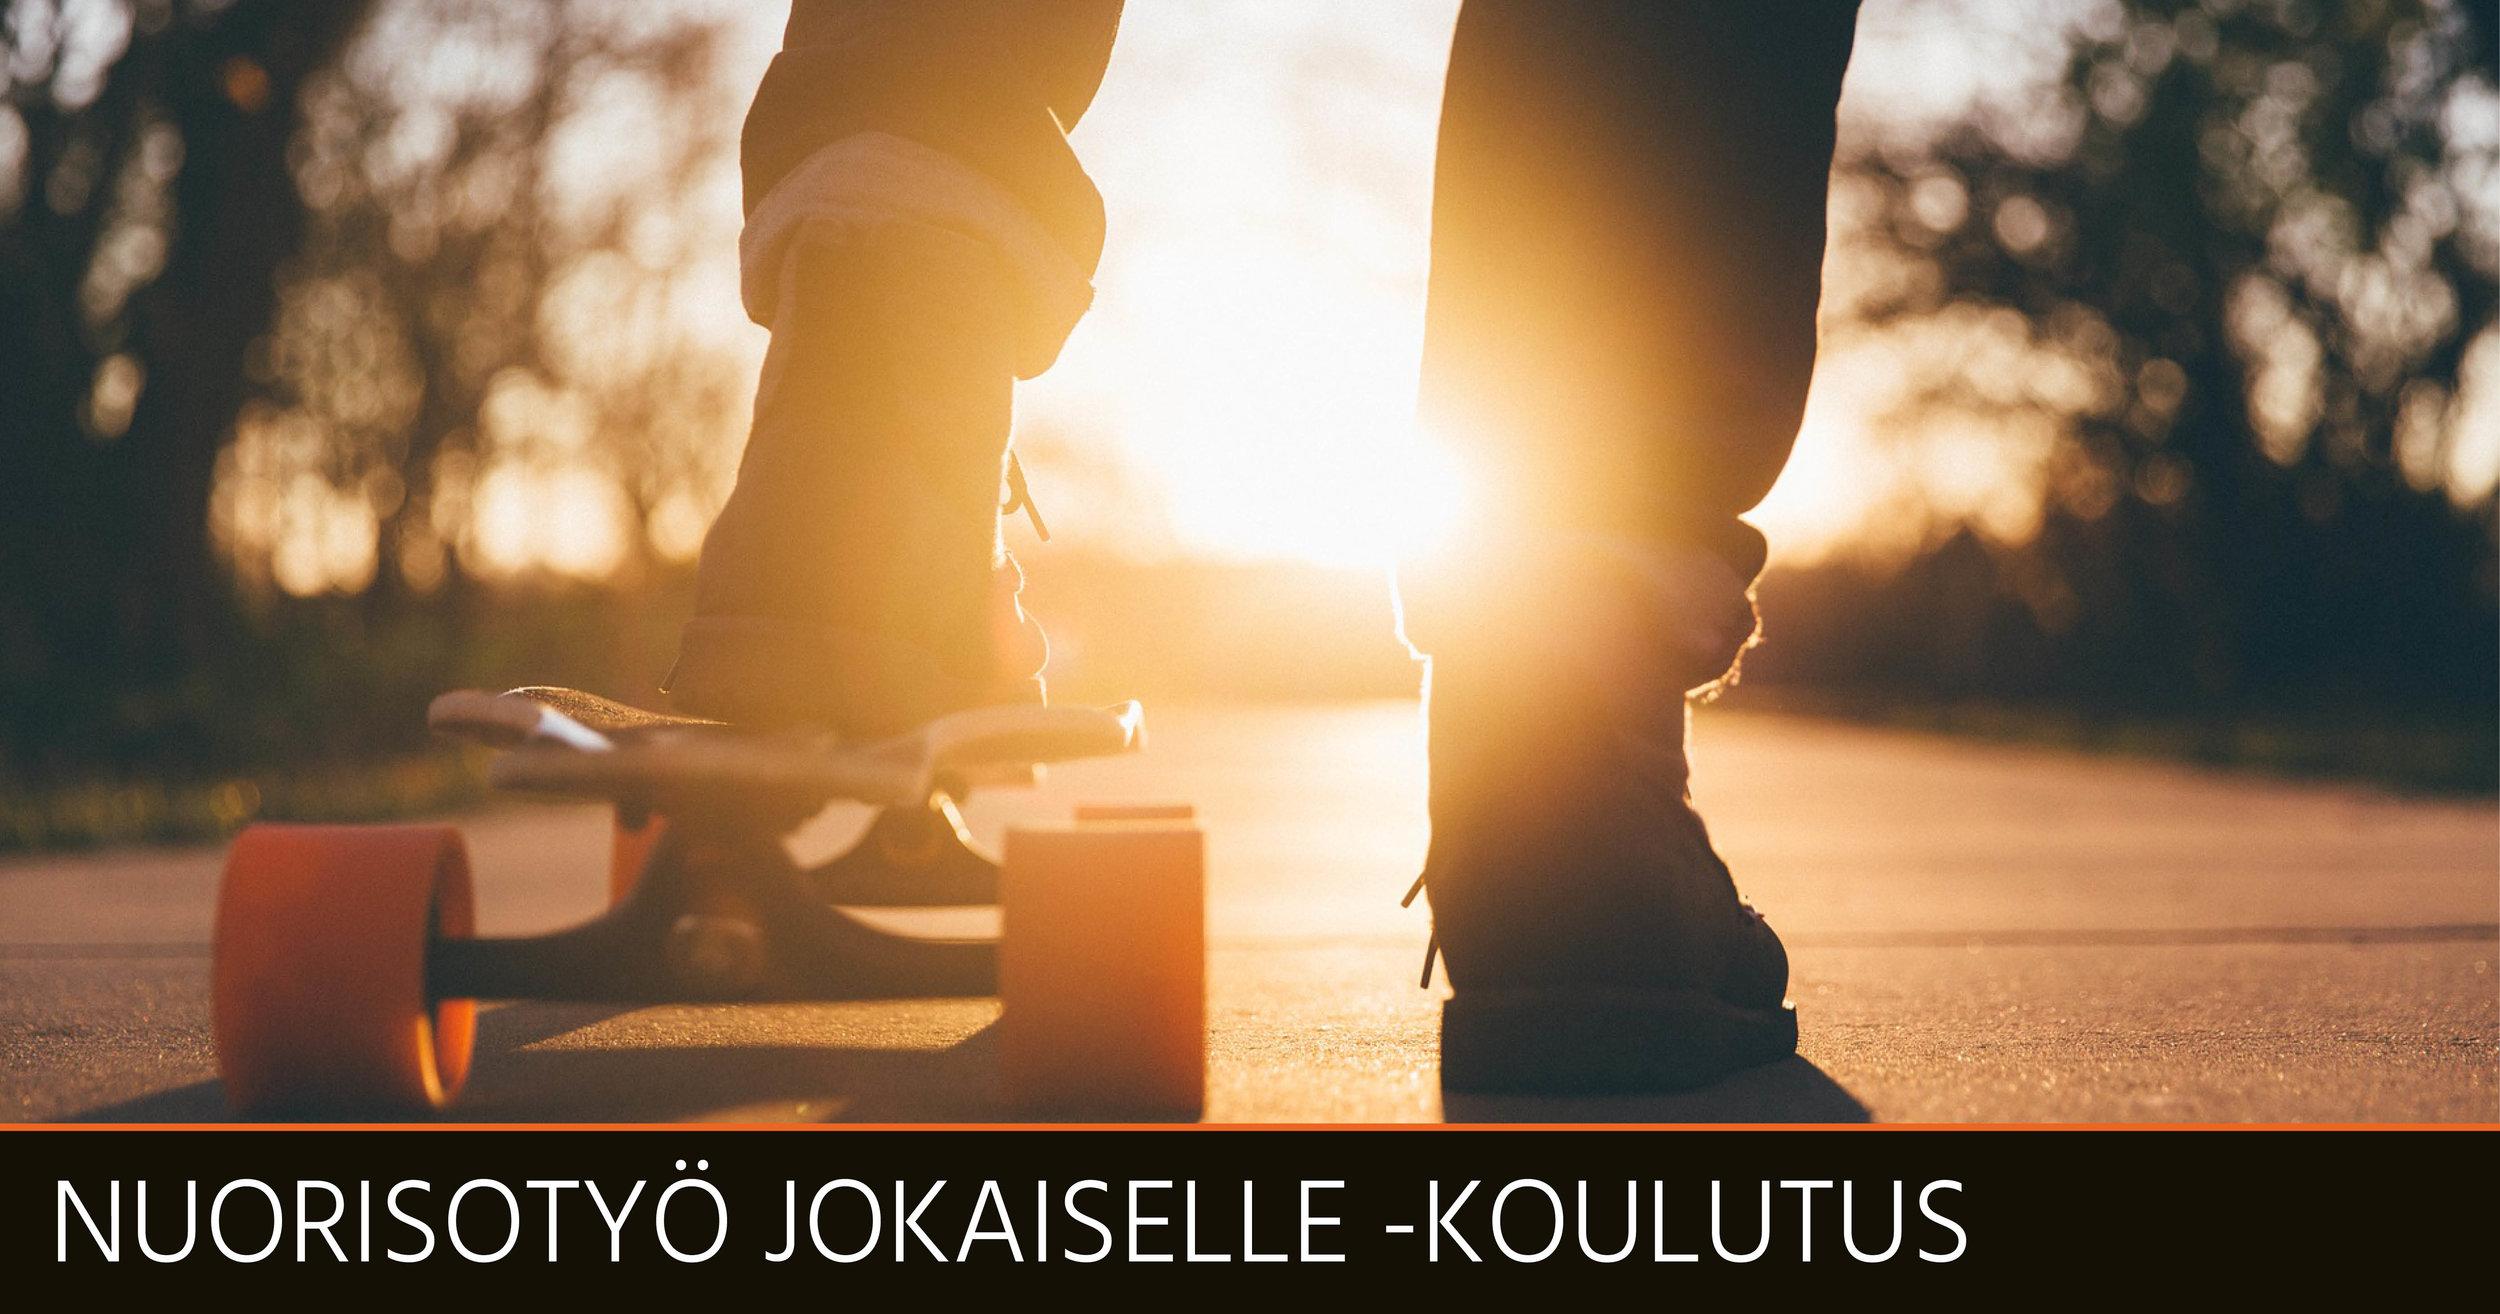 NUORISOTYÖ JOKAISELLE_BANNERI.jpg